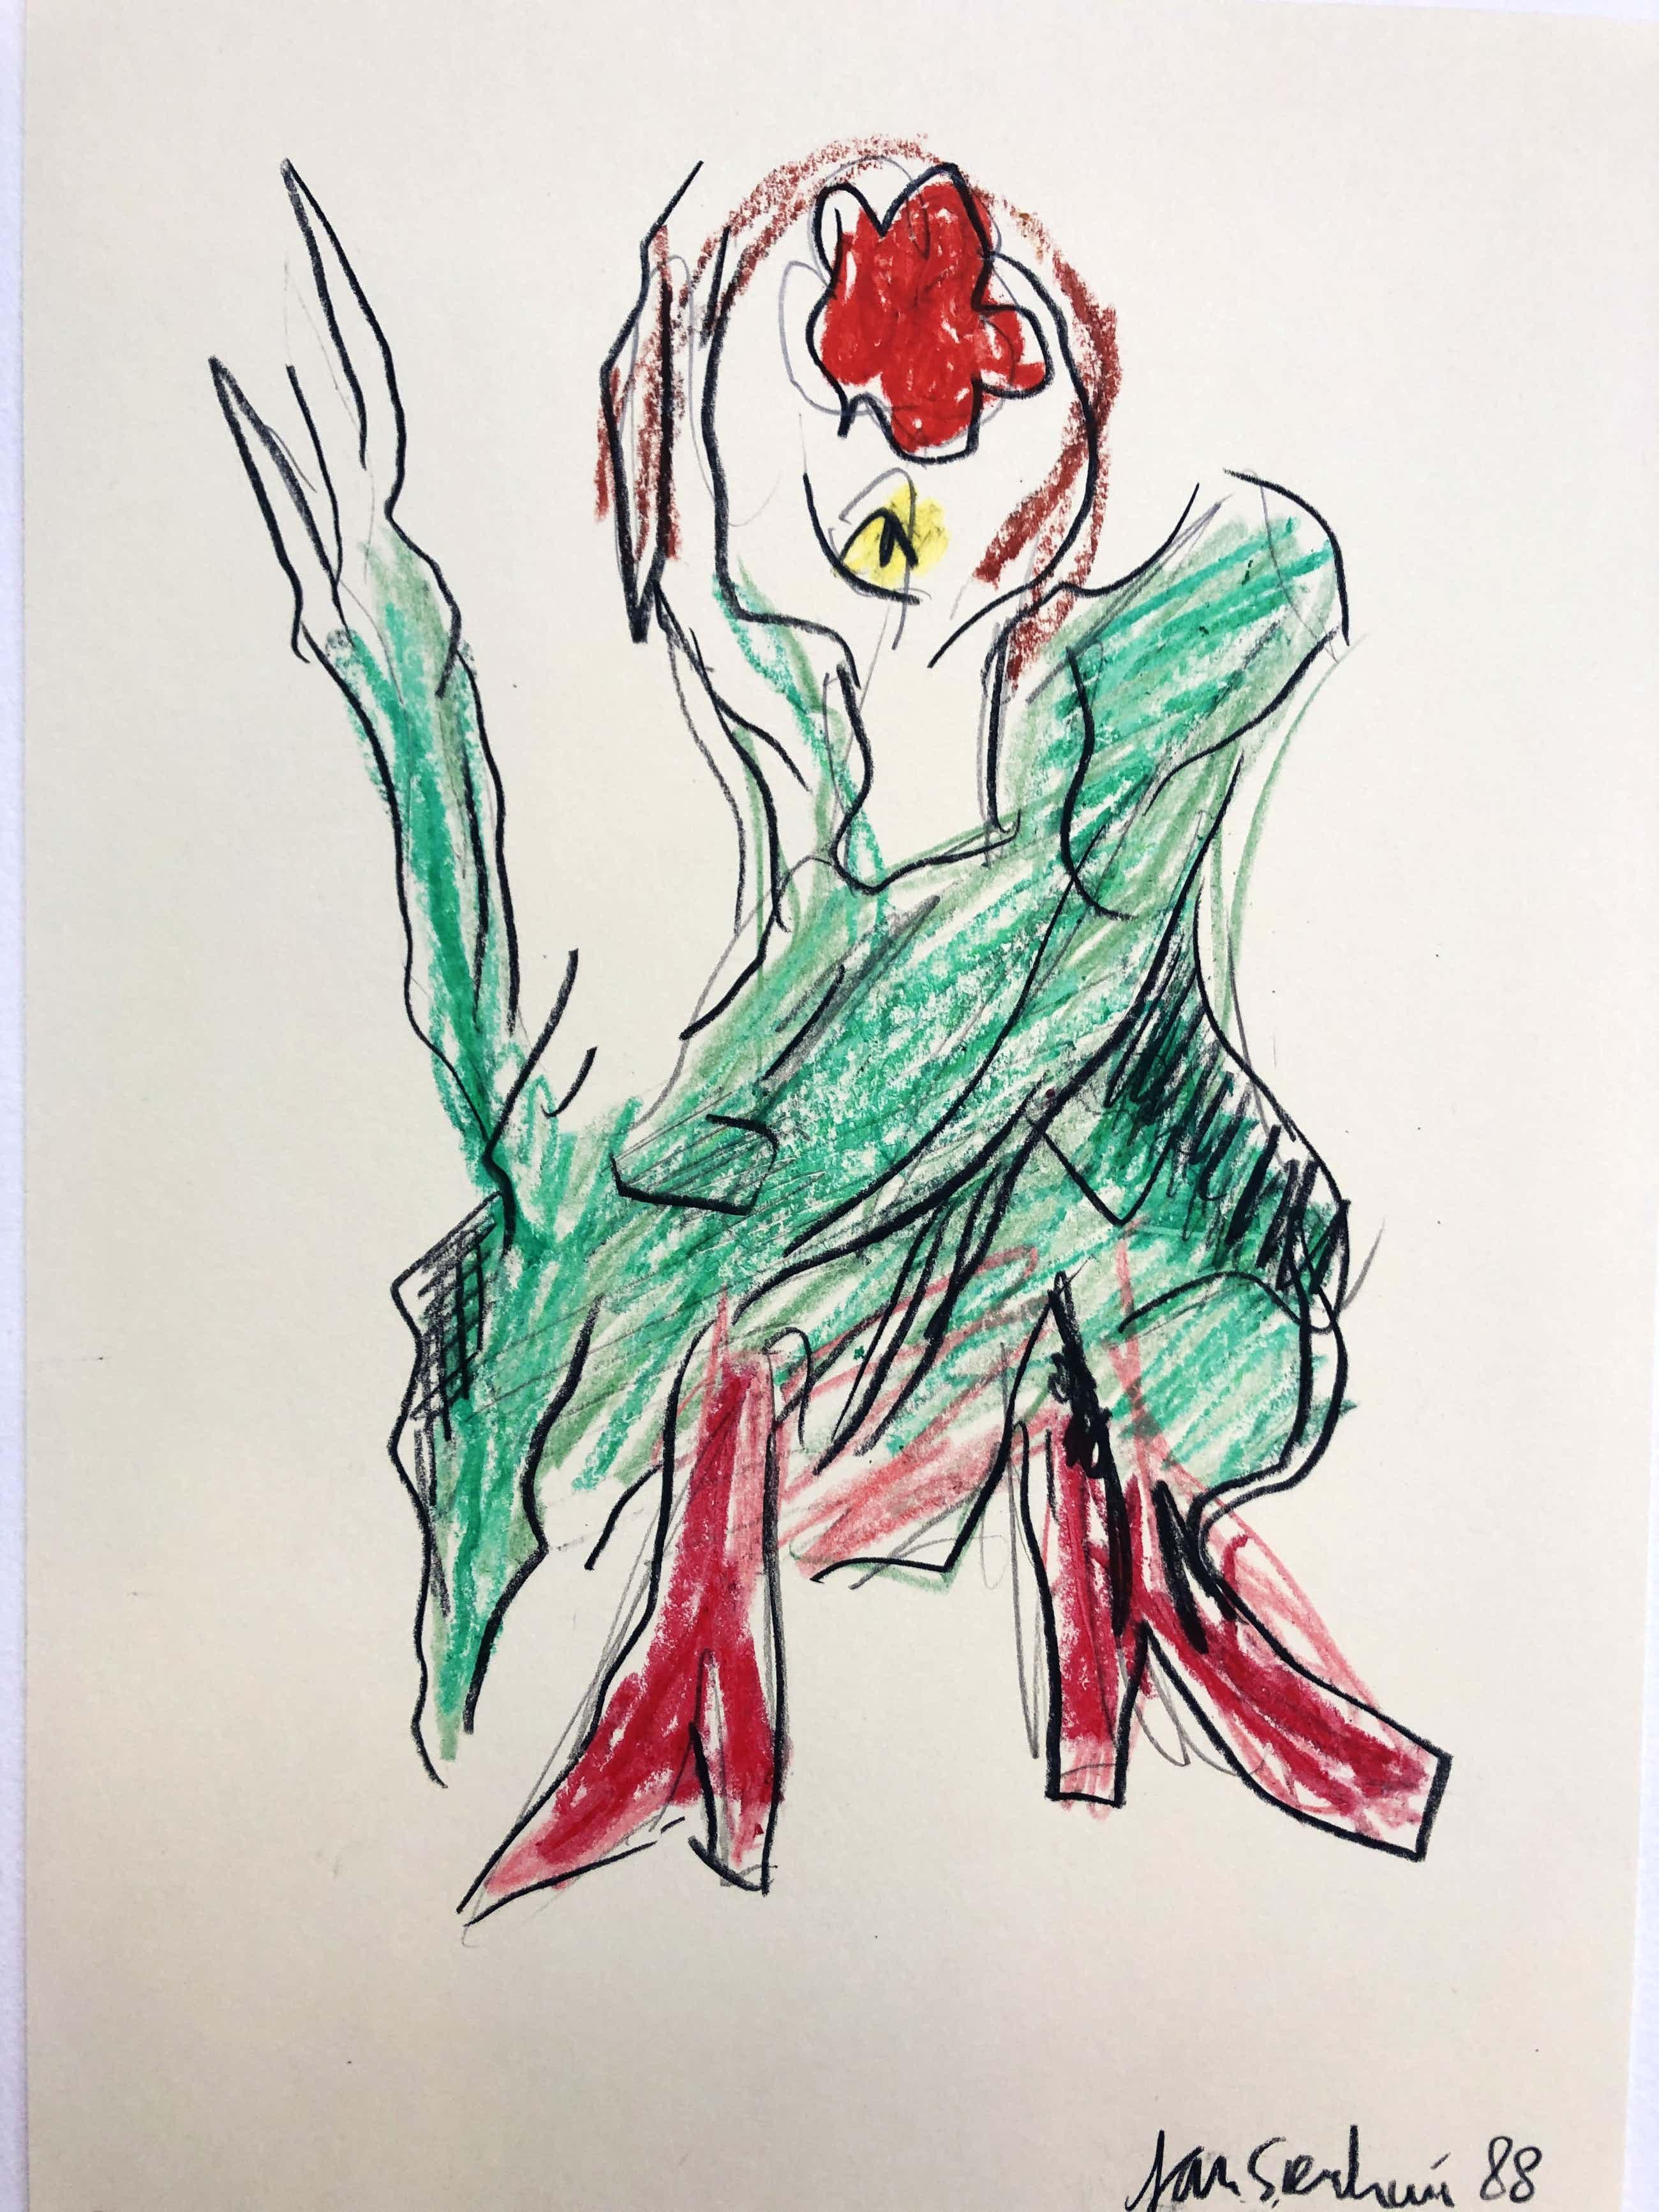 Jan Sierhuis - Flamingo I kopen? Bied vanaf 135!